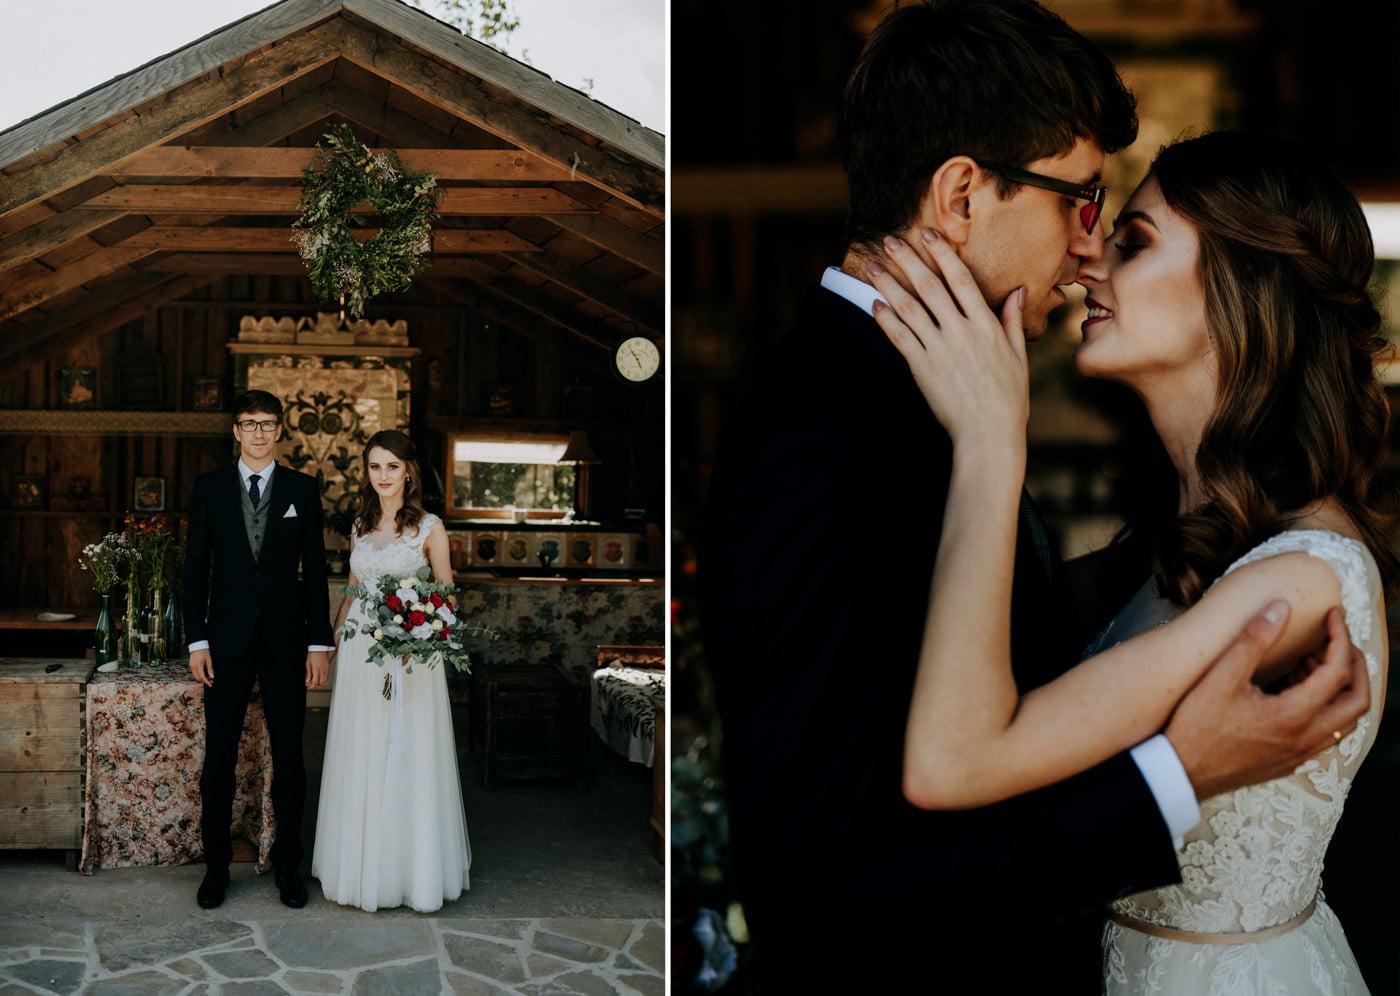 Sesja ślubna w stodole u Jojo - Monika i Kamil 10